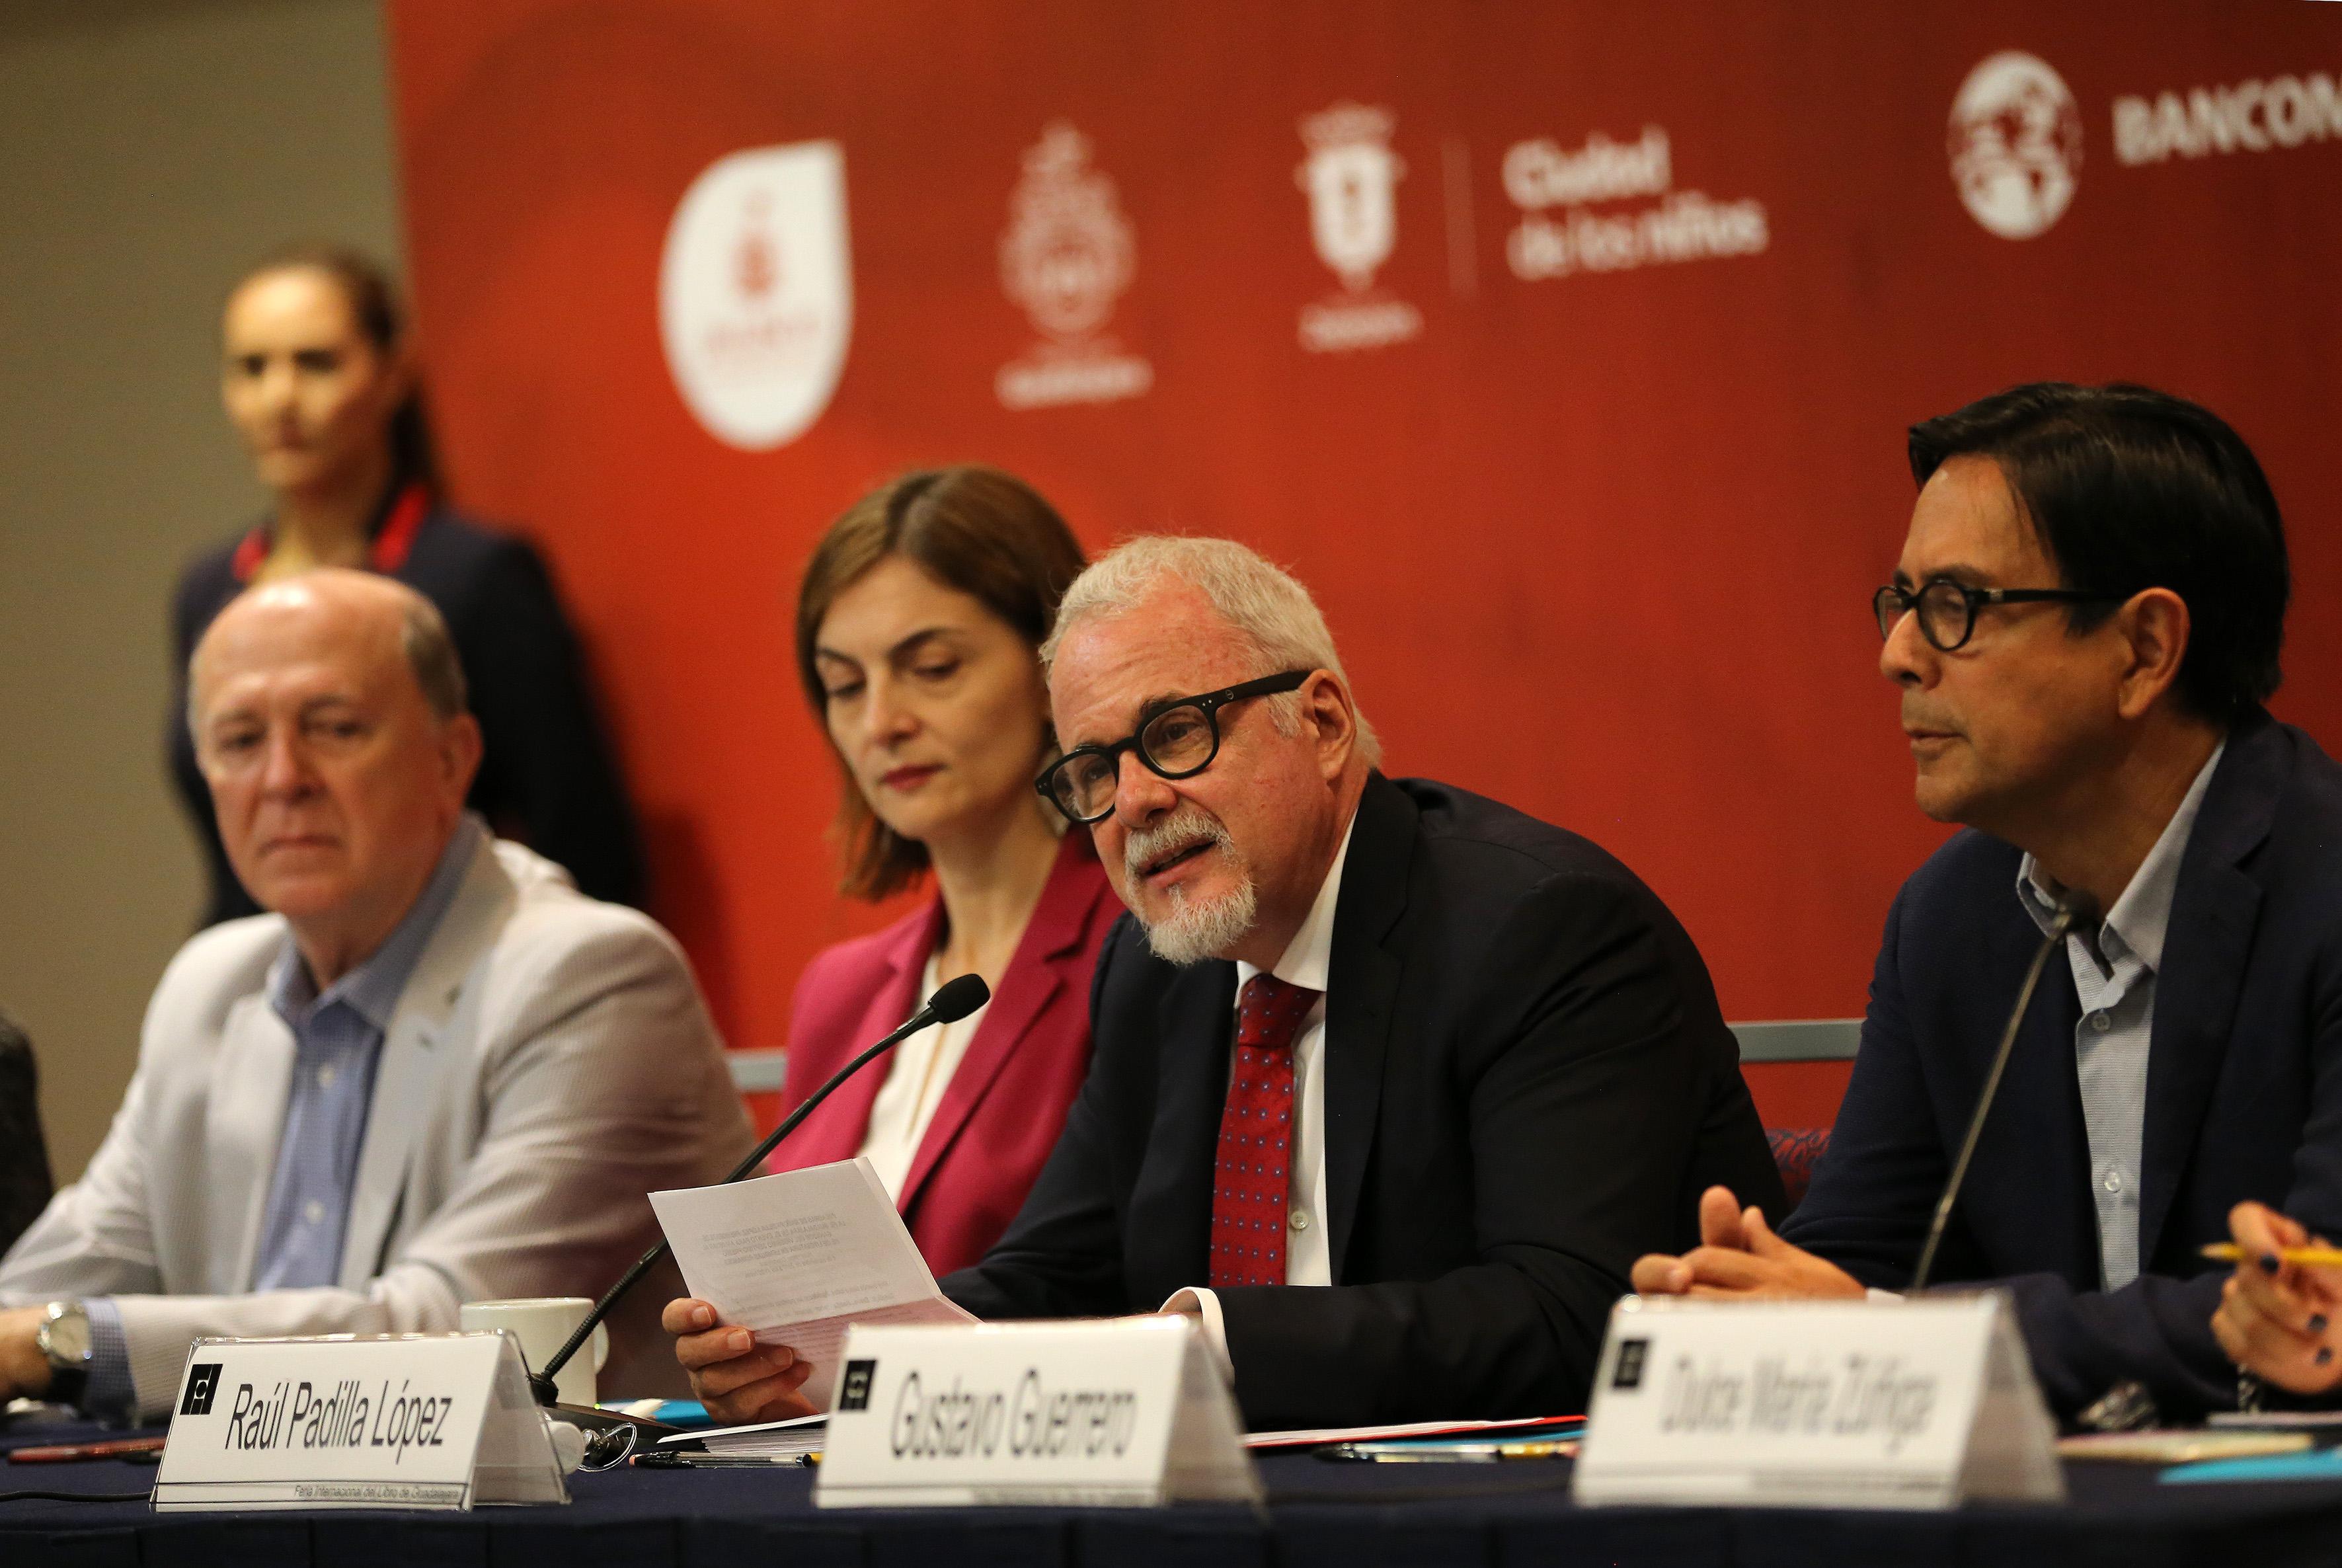 Licenciado Raúl Padilla López, presidente de la Asociación Civil del Premio FIL de Literatura en Lenguas Romances y también presidente de la FIL, haciendo uso de la palabra.